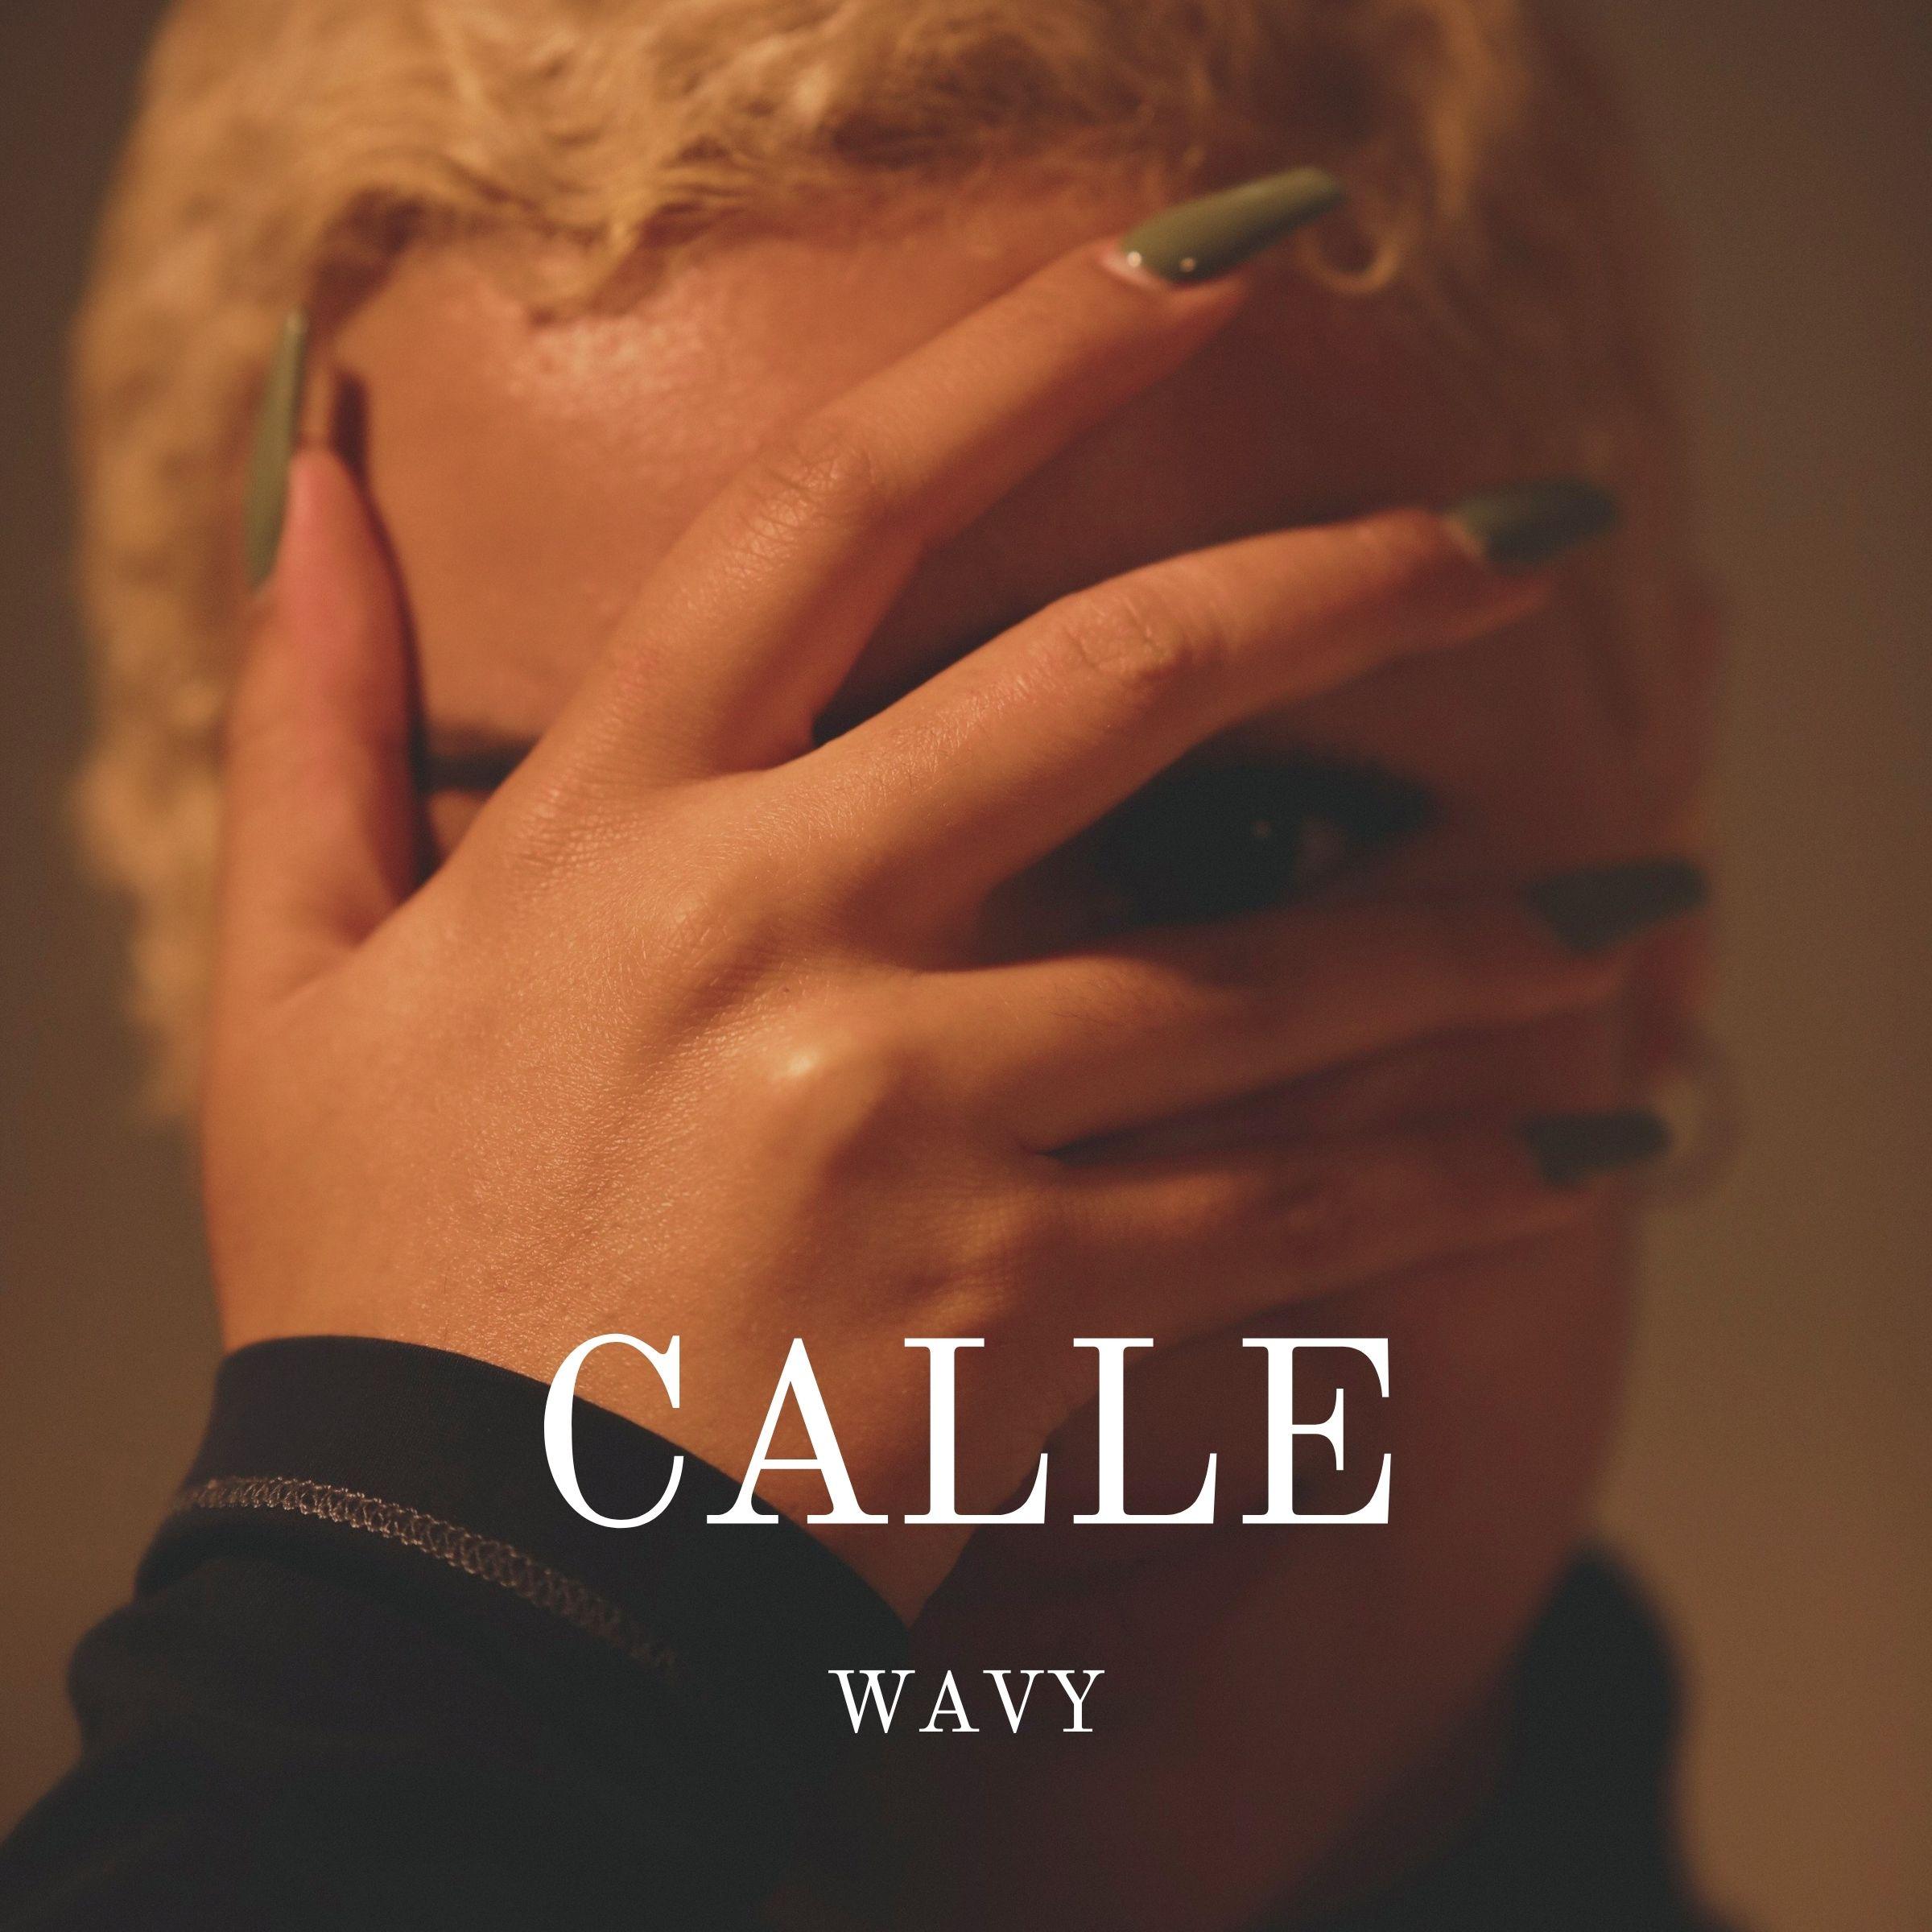 Wavy - Calle